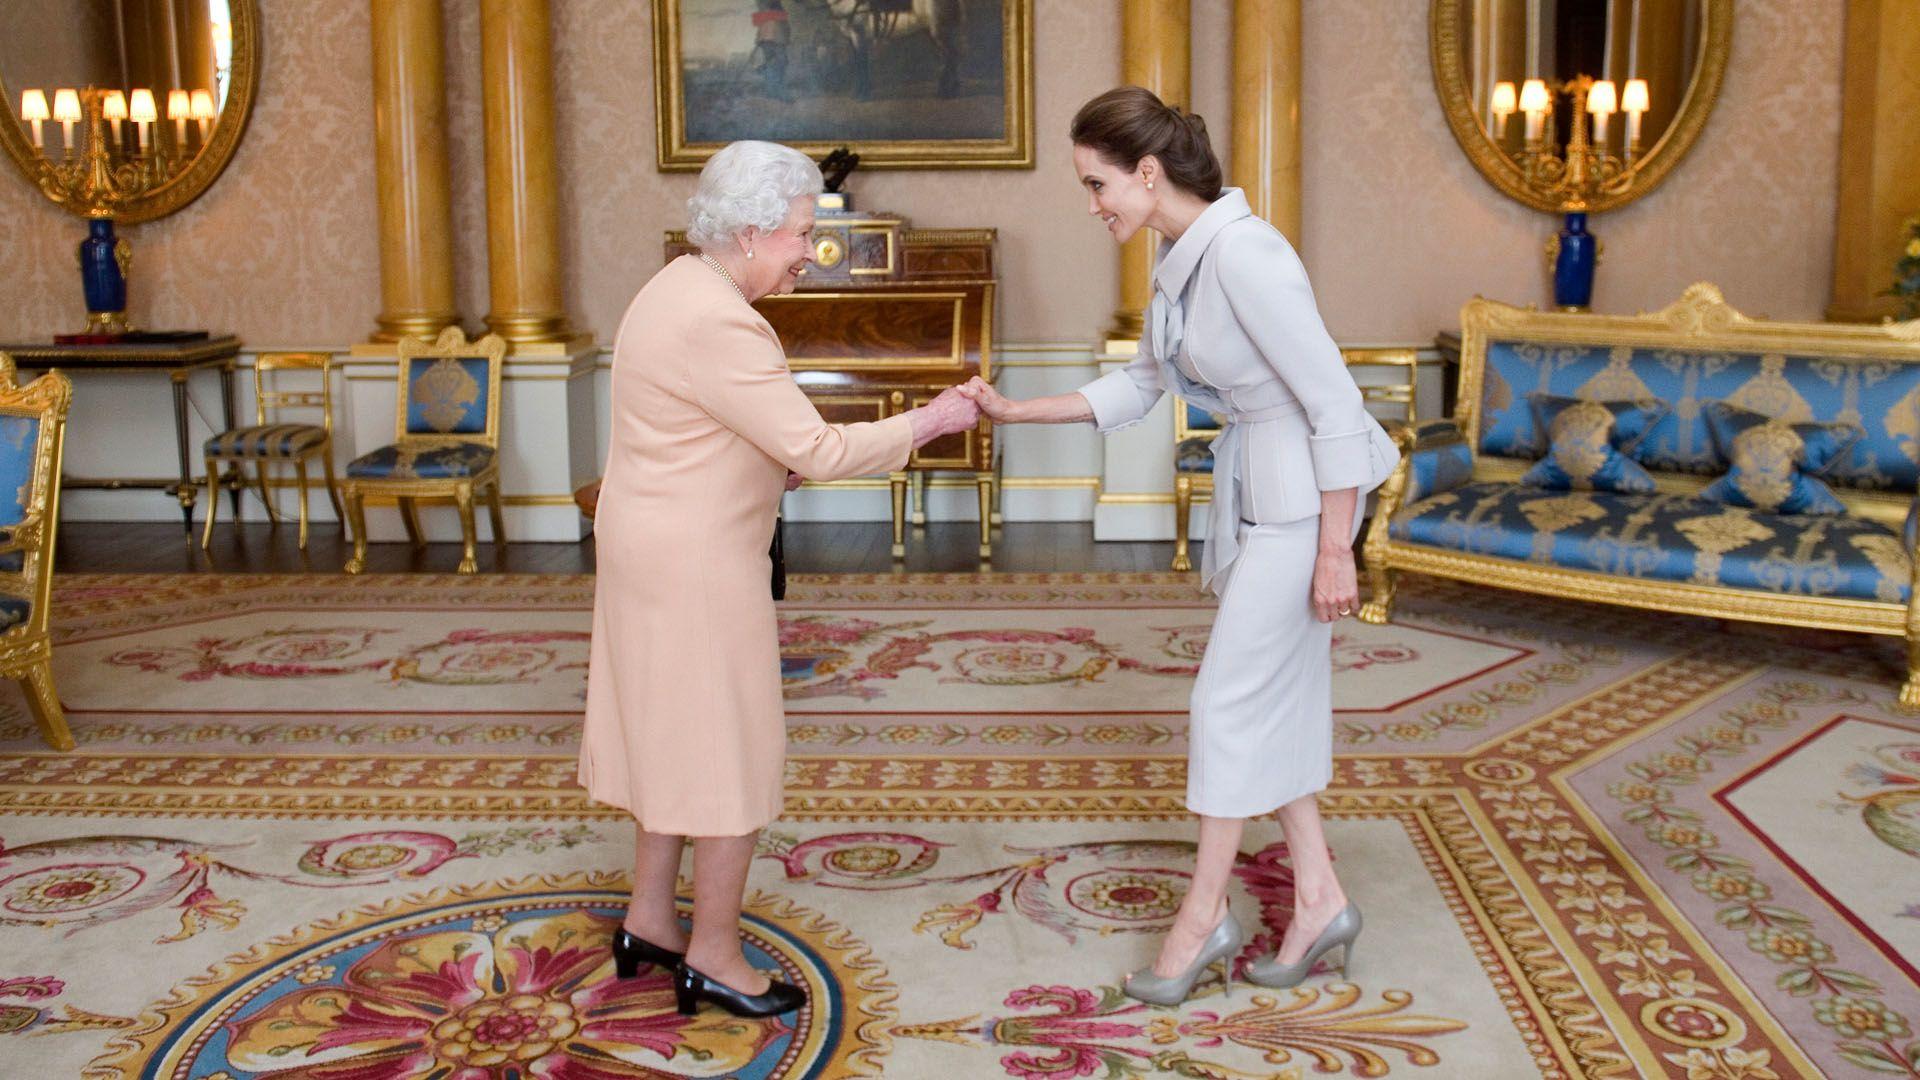 Titkos ajtók, arany csodák II. Erzsébet palotáiban